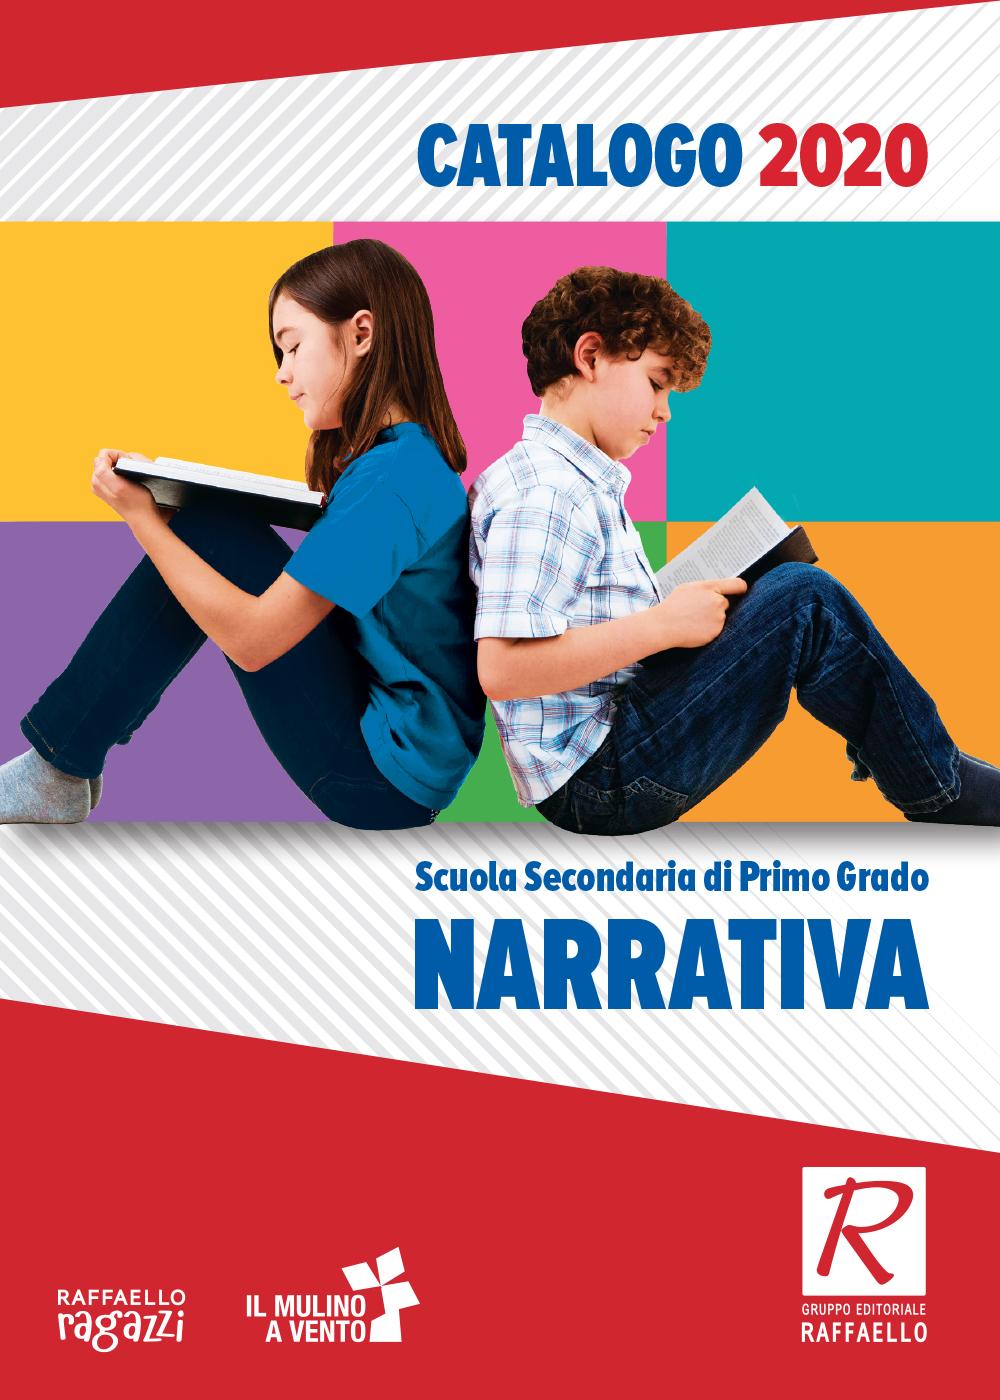 Narrativa Scuola Secondaria 2020 - Il Mulino a Vento